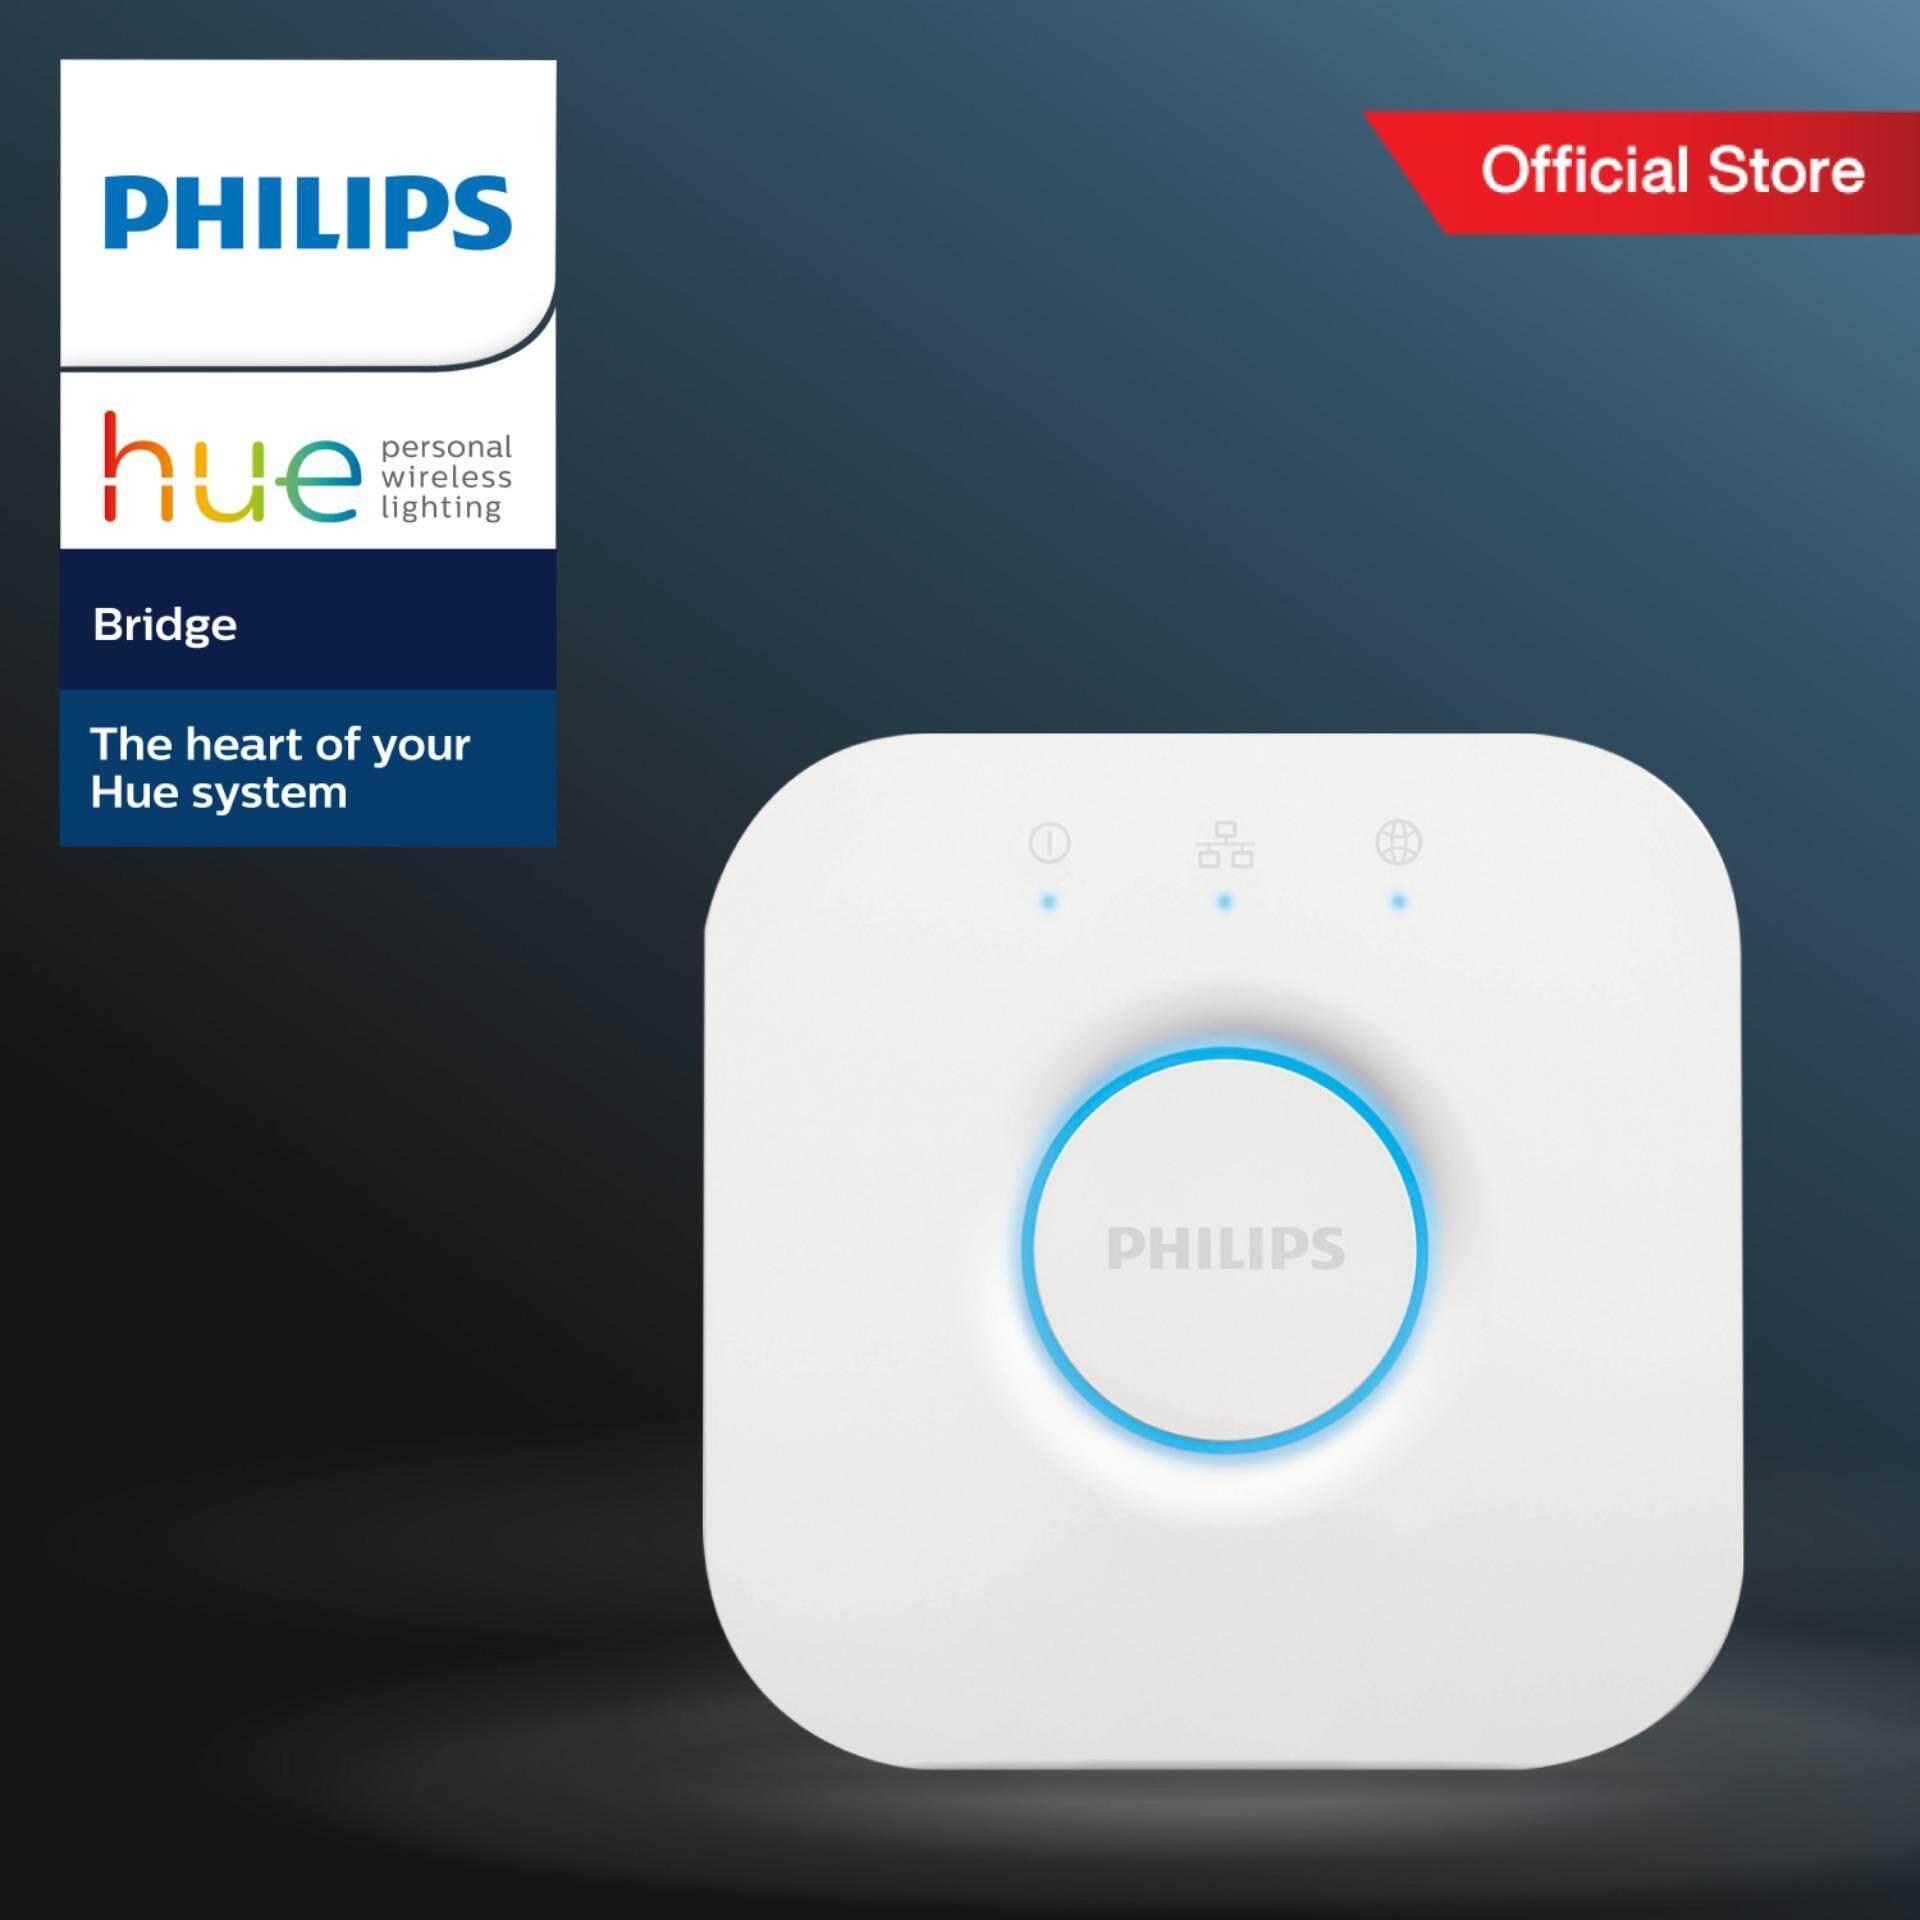 ซื้อ Philips Hue Bridge อุปกรณ์ควบคุมไฟอัจฉริยะ ออนไลน์ กรุงเทพมหานคร